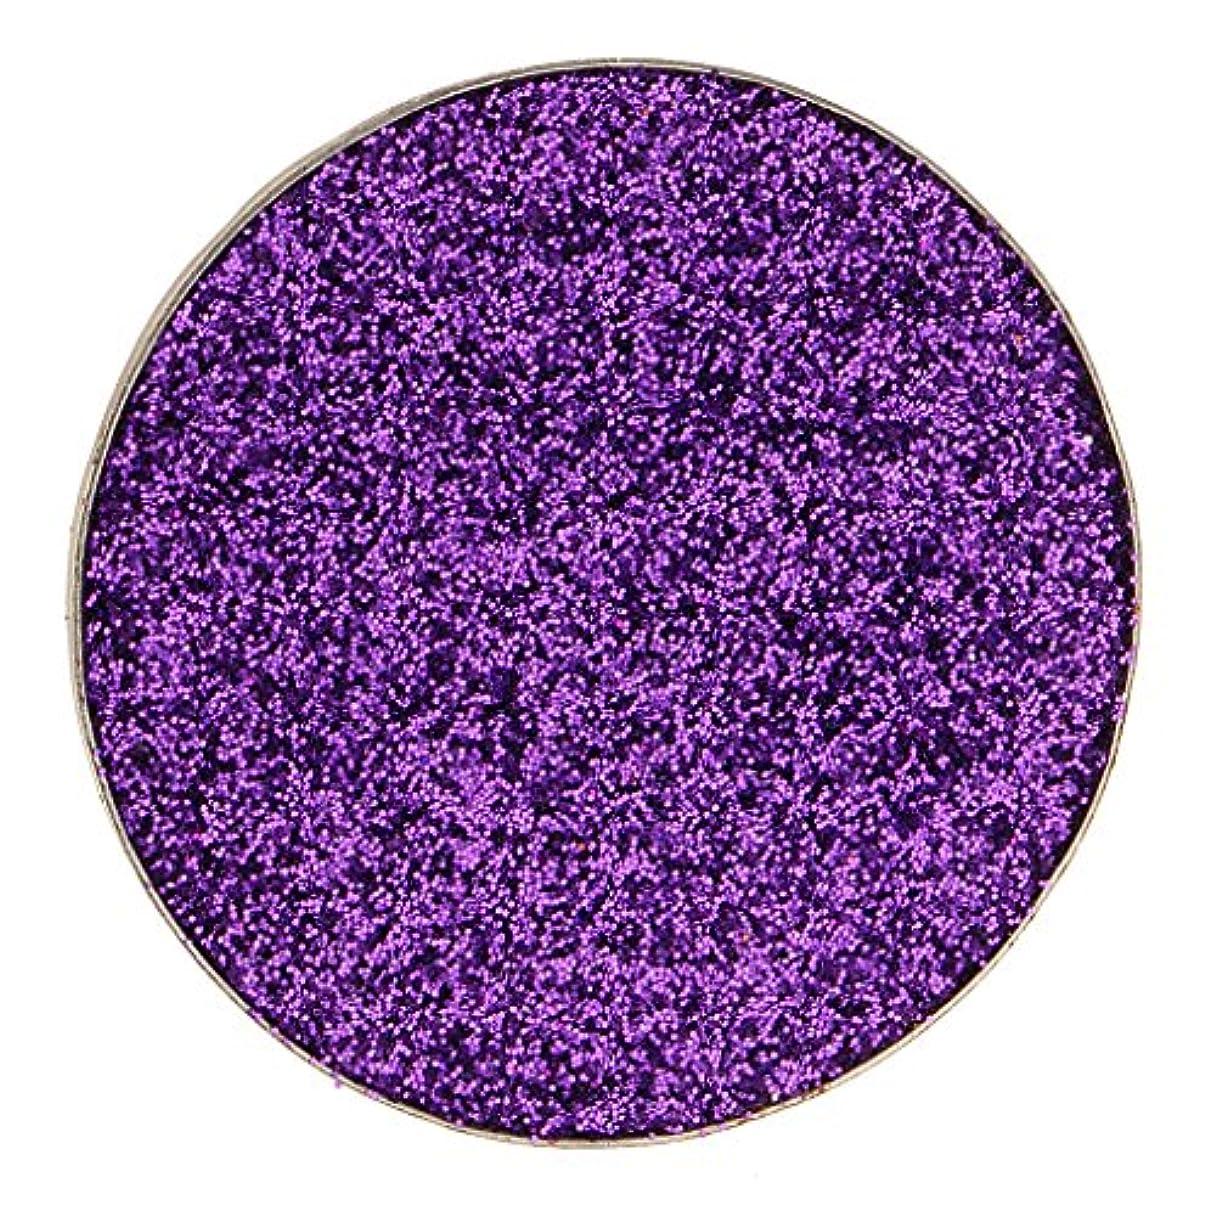 チキンいま骨髄ダイヤモンド キラキラ シマー メイクアップ アイシャドウ 顔料 長持ち 滑らか 全5色 - 紫